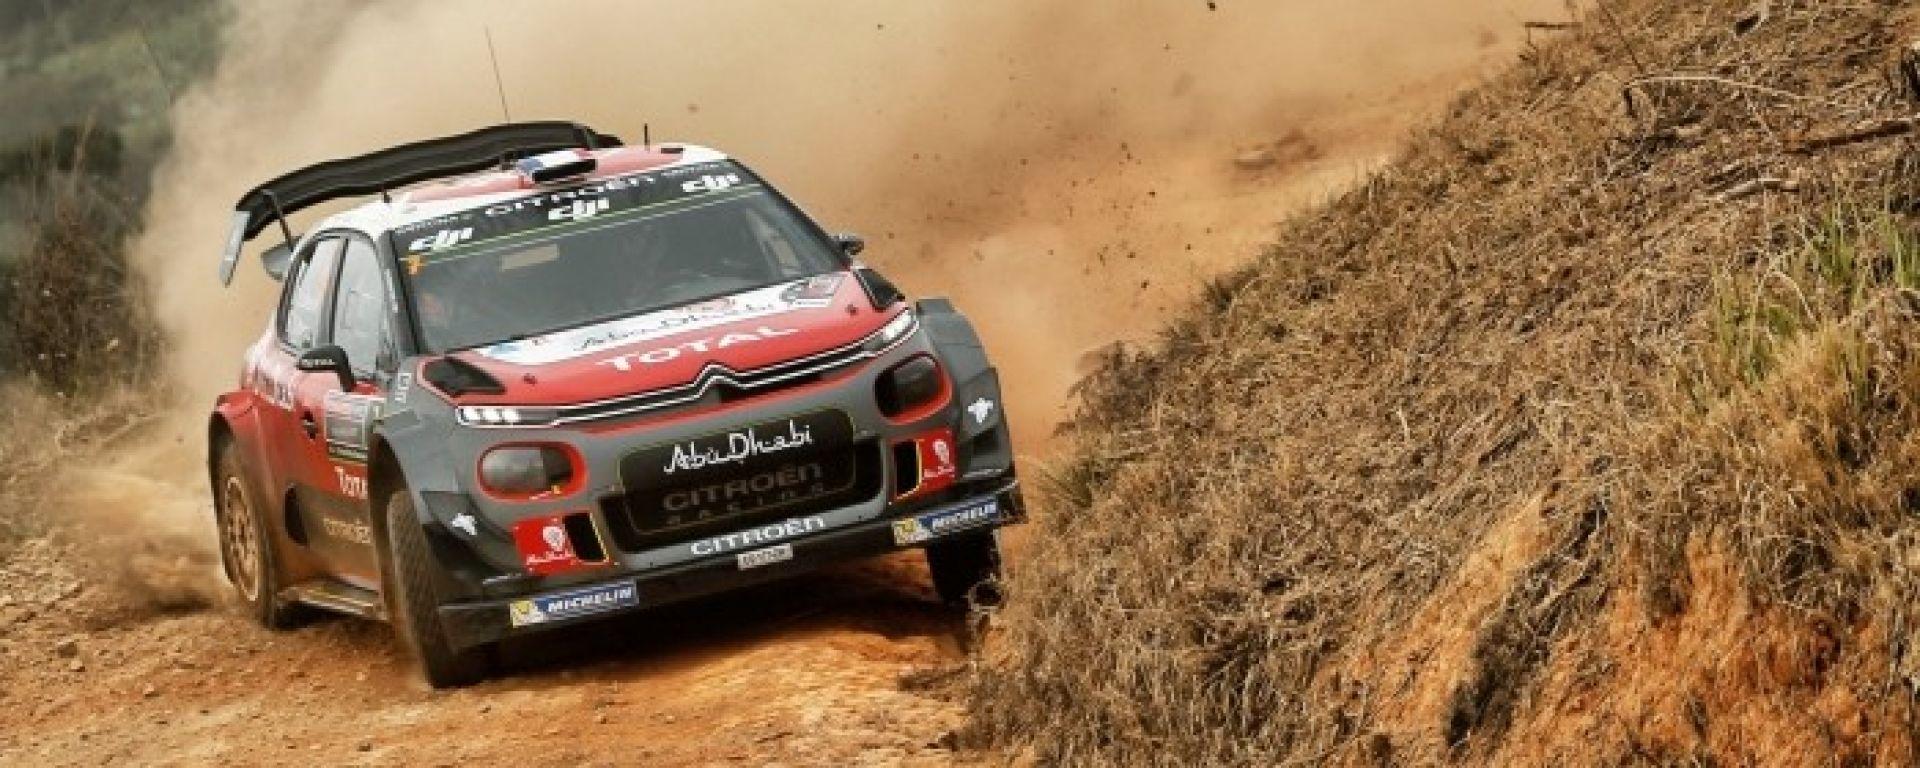 WRC 2018: un Rally del Portogallo amaro per Citroën Total Abu Dhabi WRT